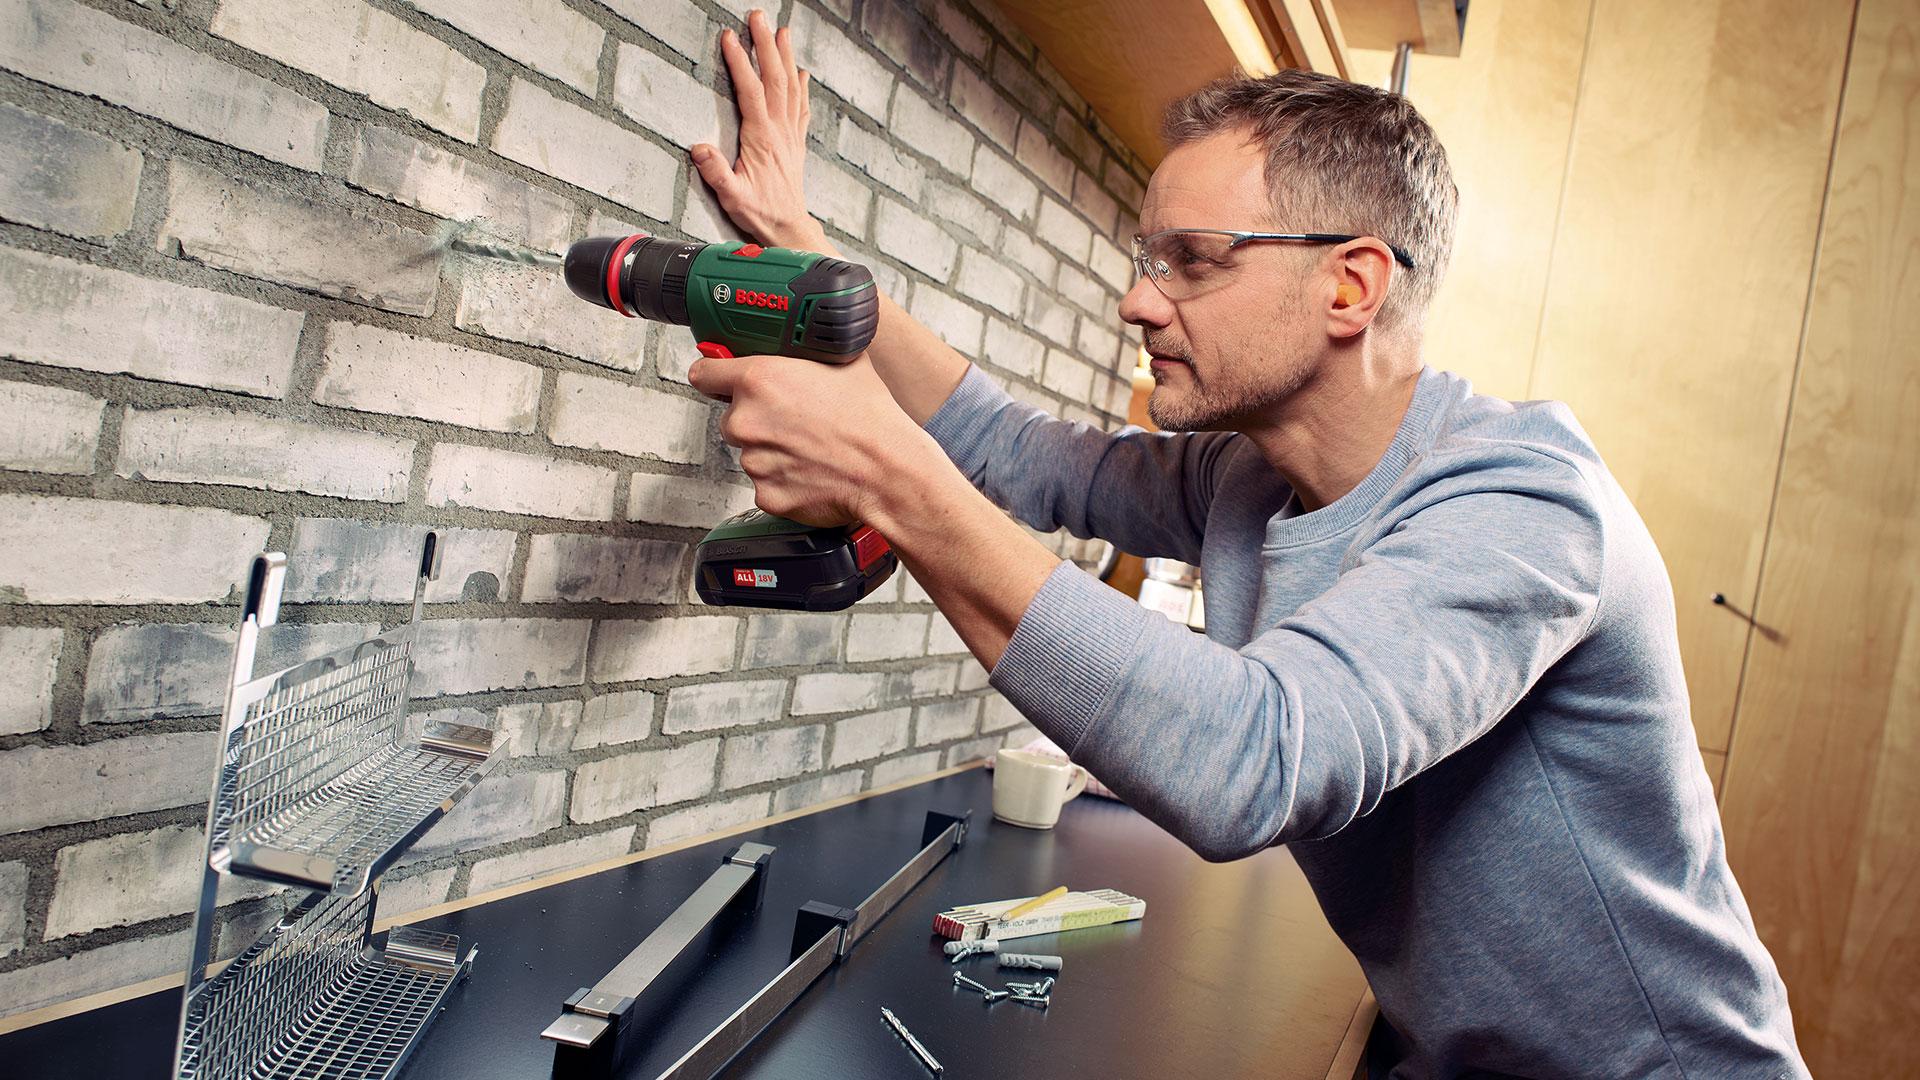 neues akku schlagbohrschrauber system f r heimwerker bosch media service. Black Bedroom Furniture Sets. Home Design Ideas